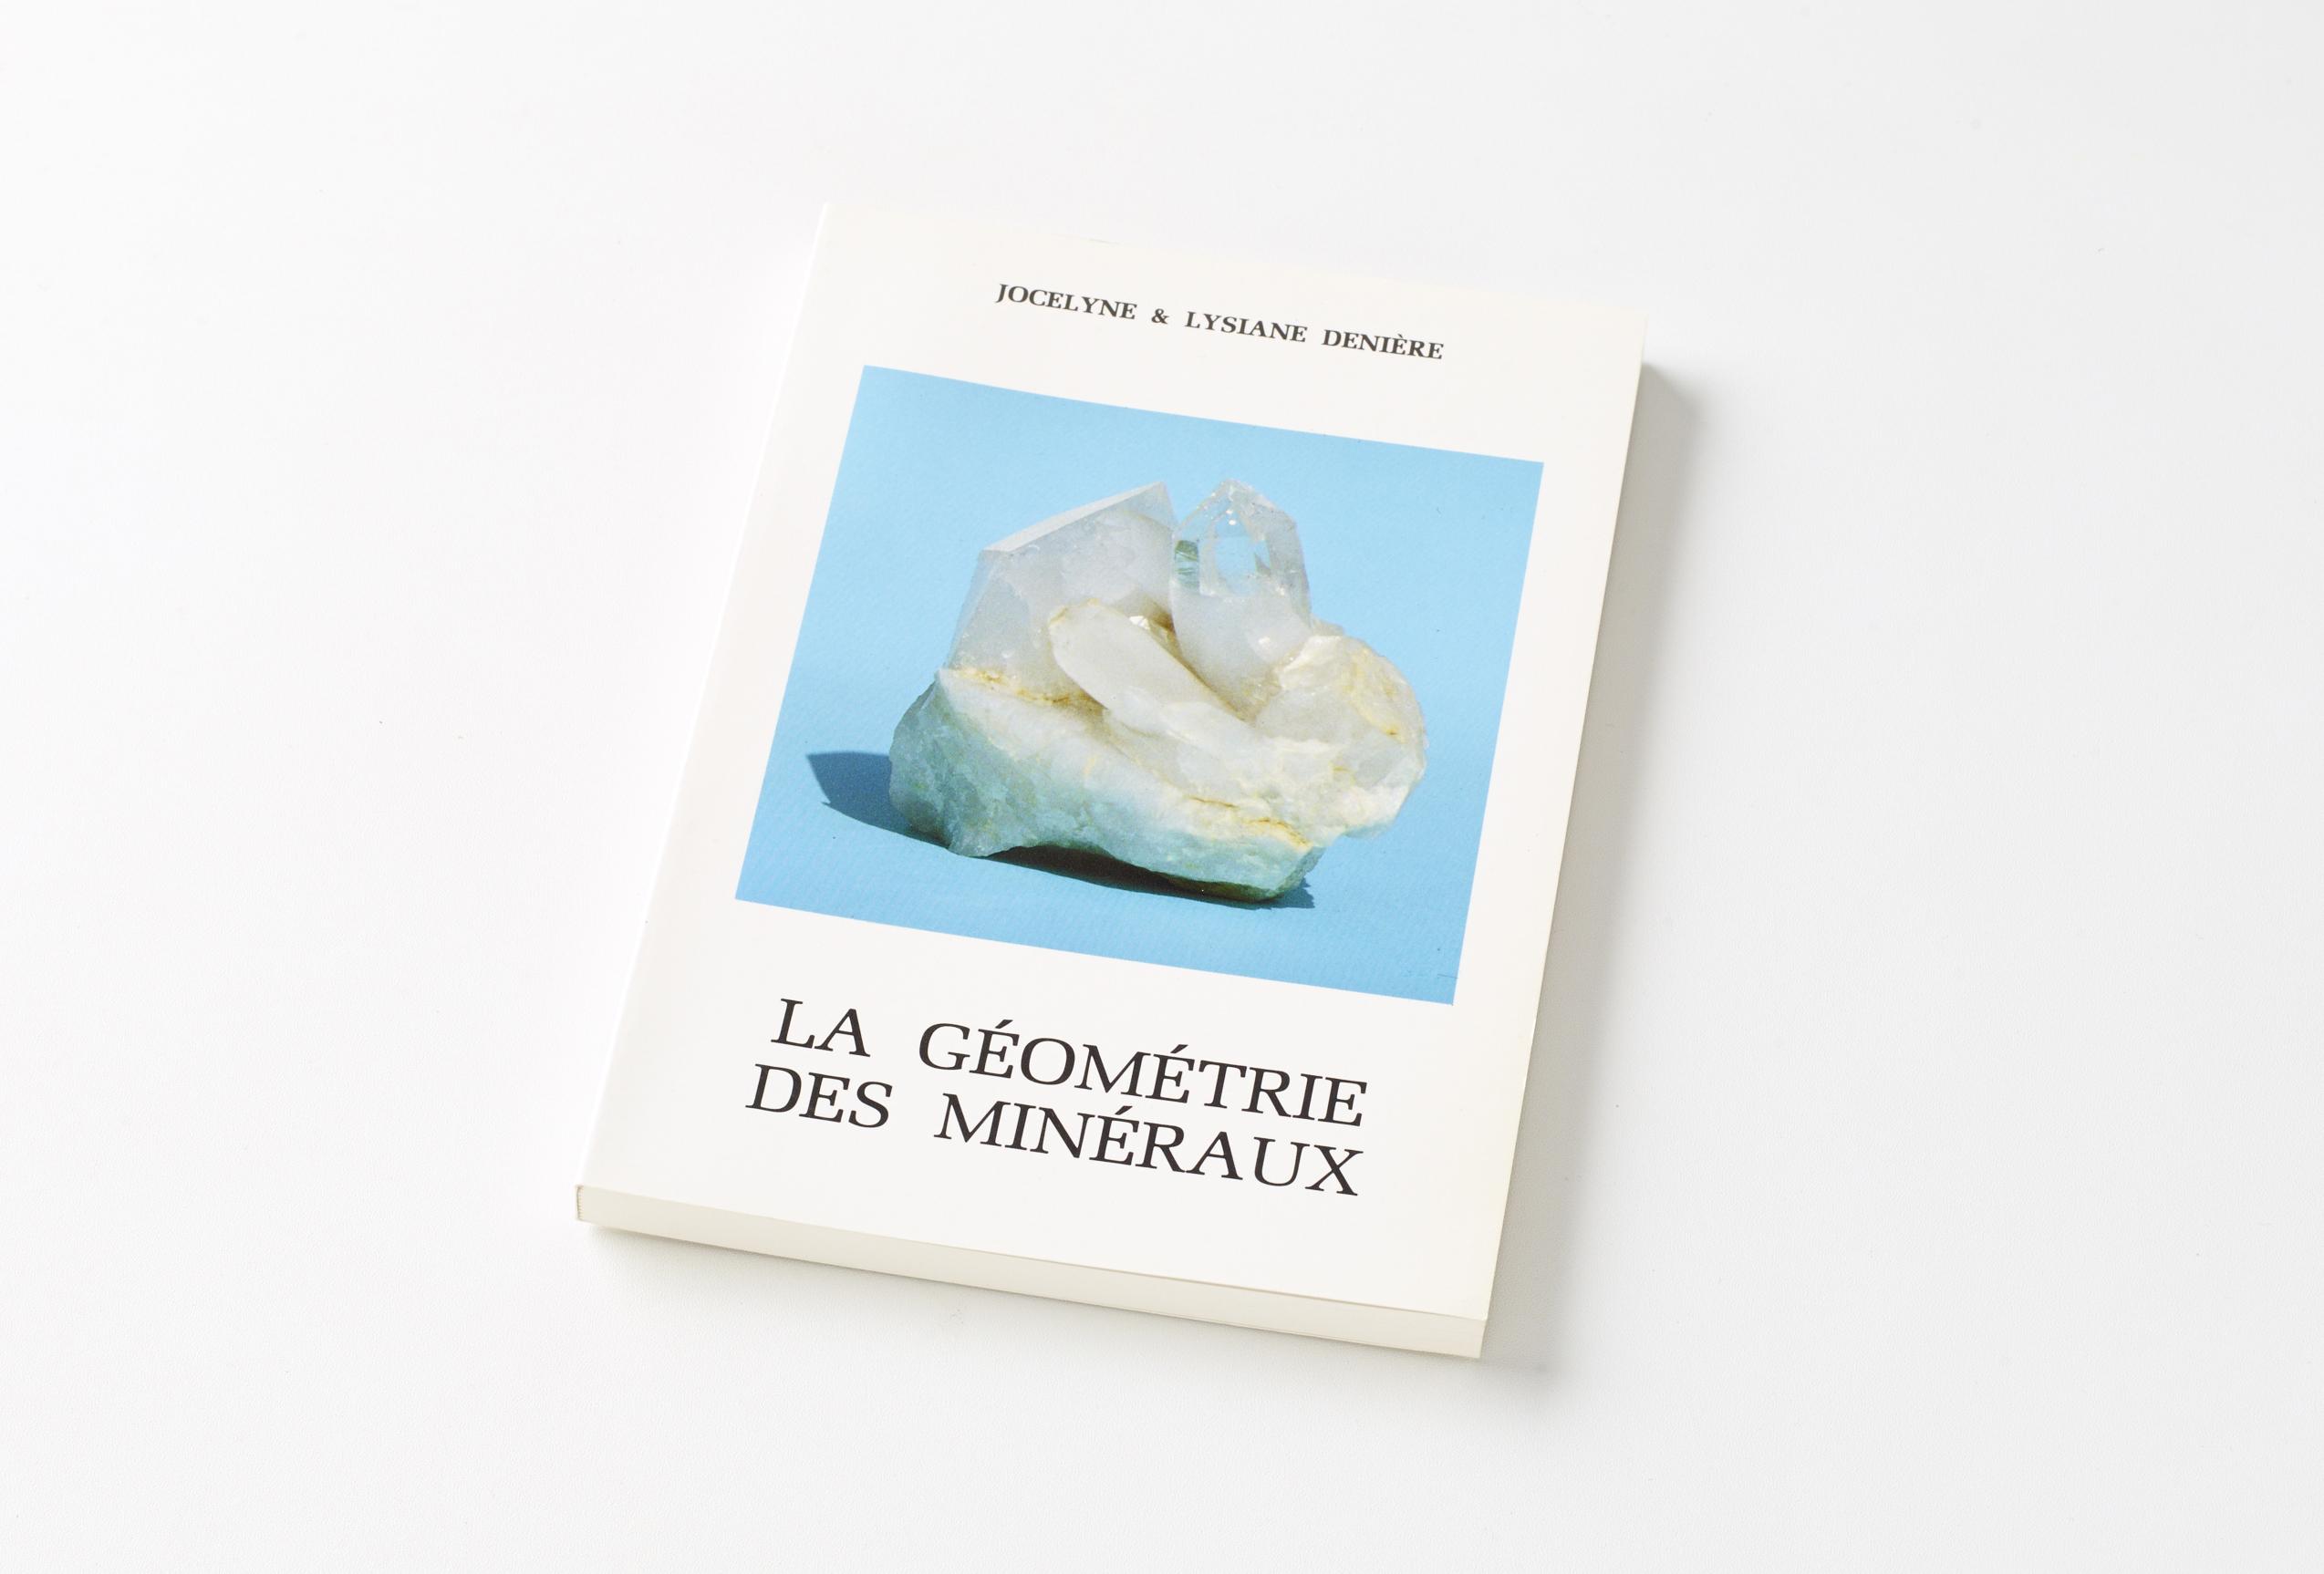 La géometrie des minéraux 16,50€